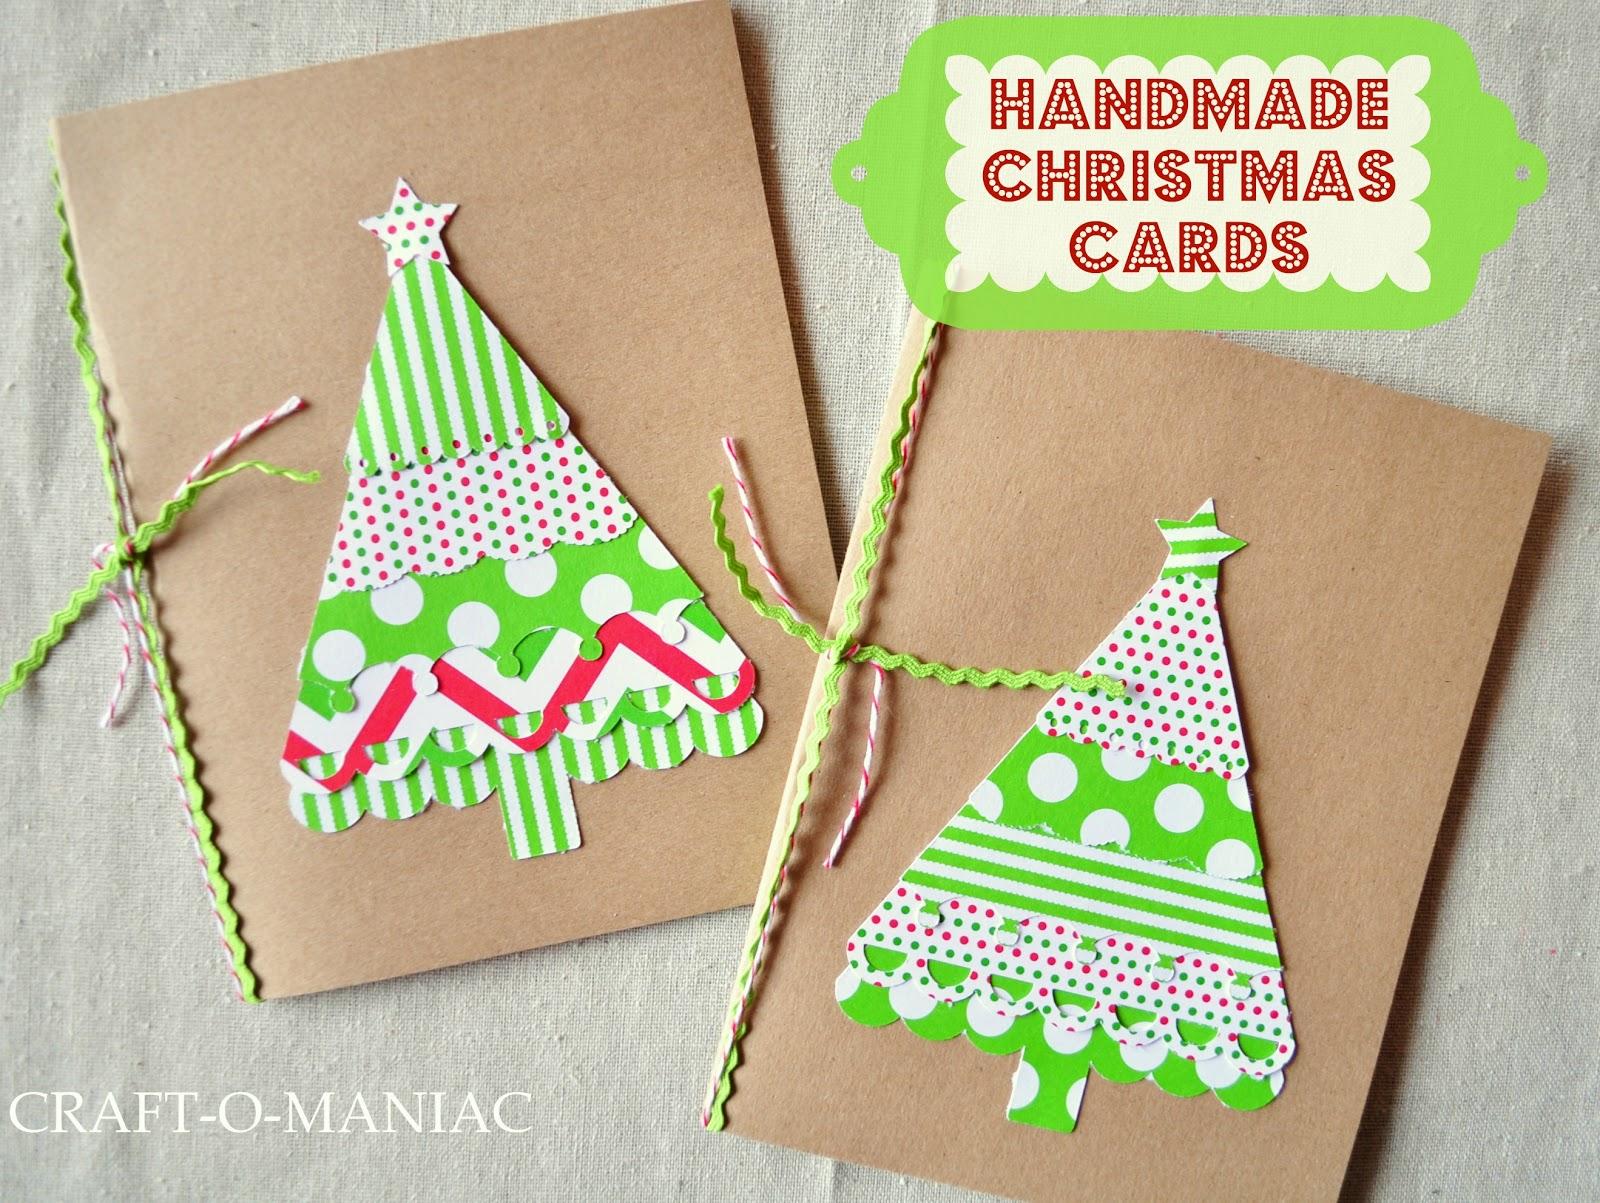 Handmade Christmas Cards - Craft-O-Maniac